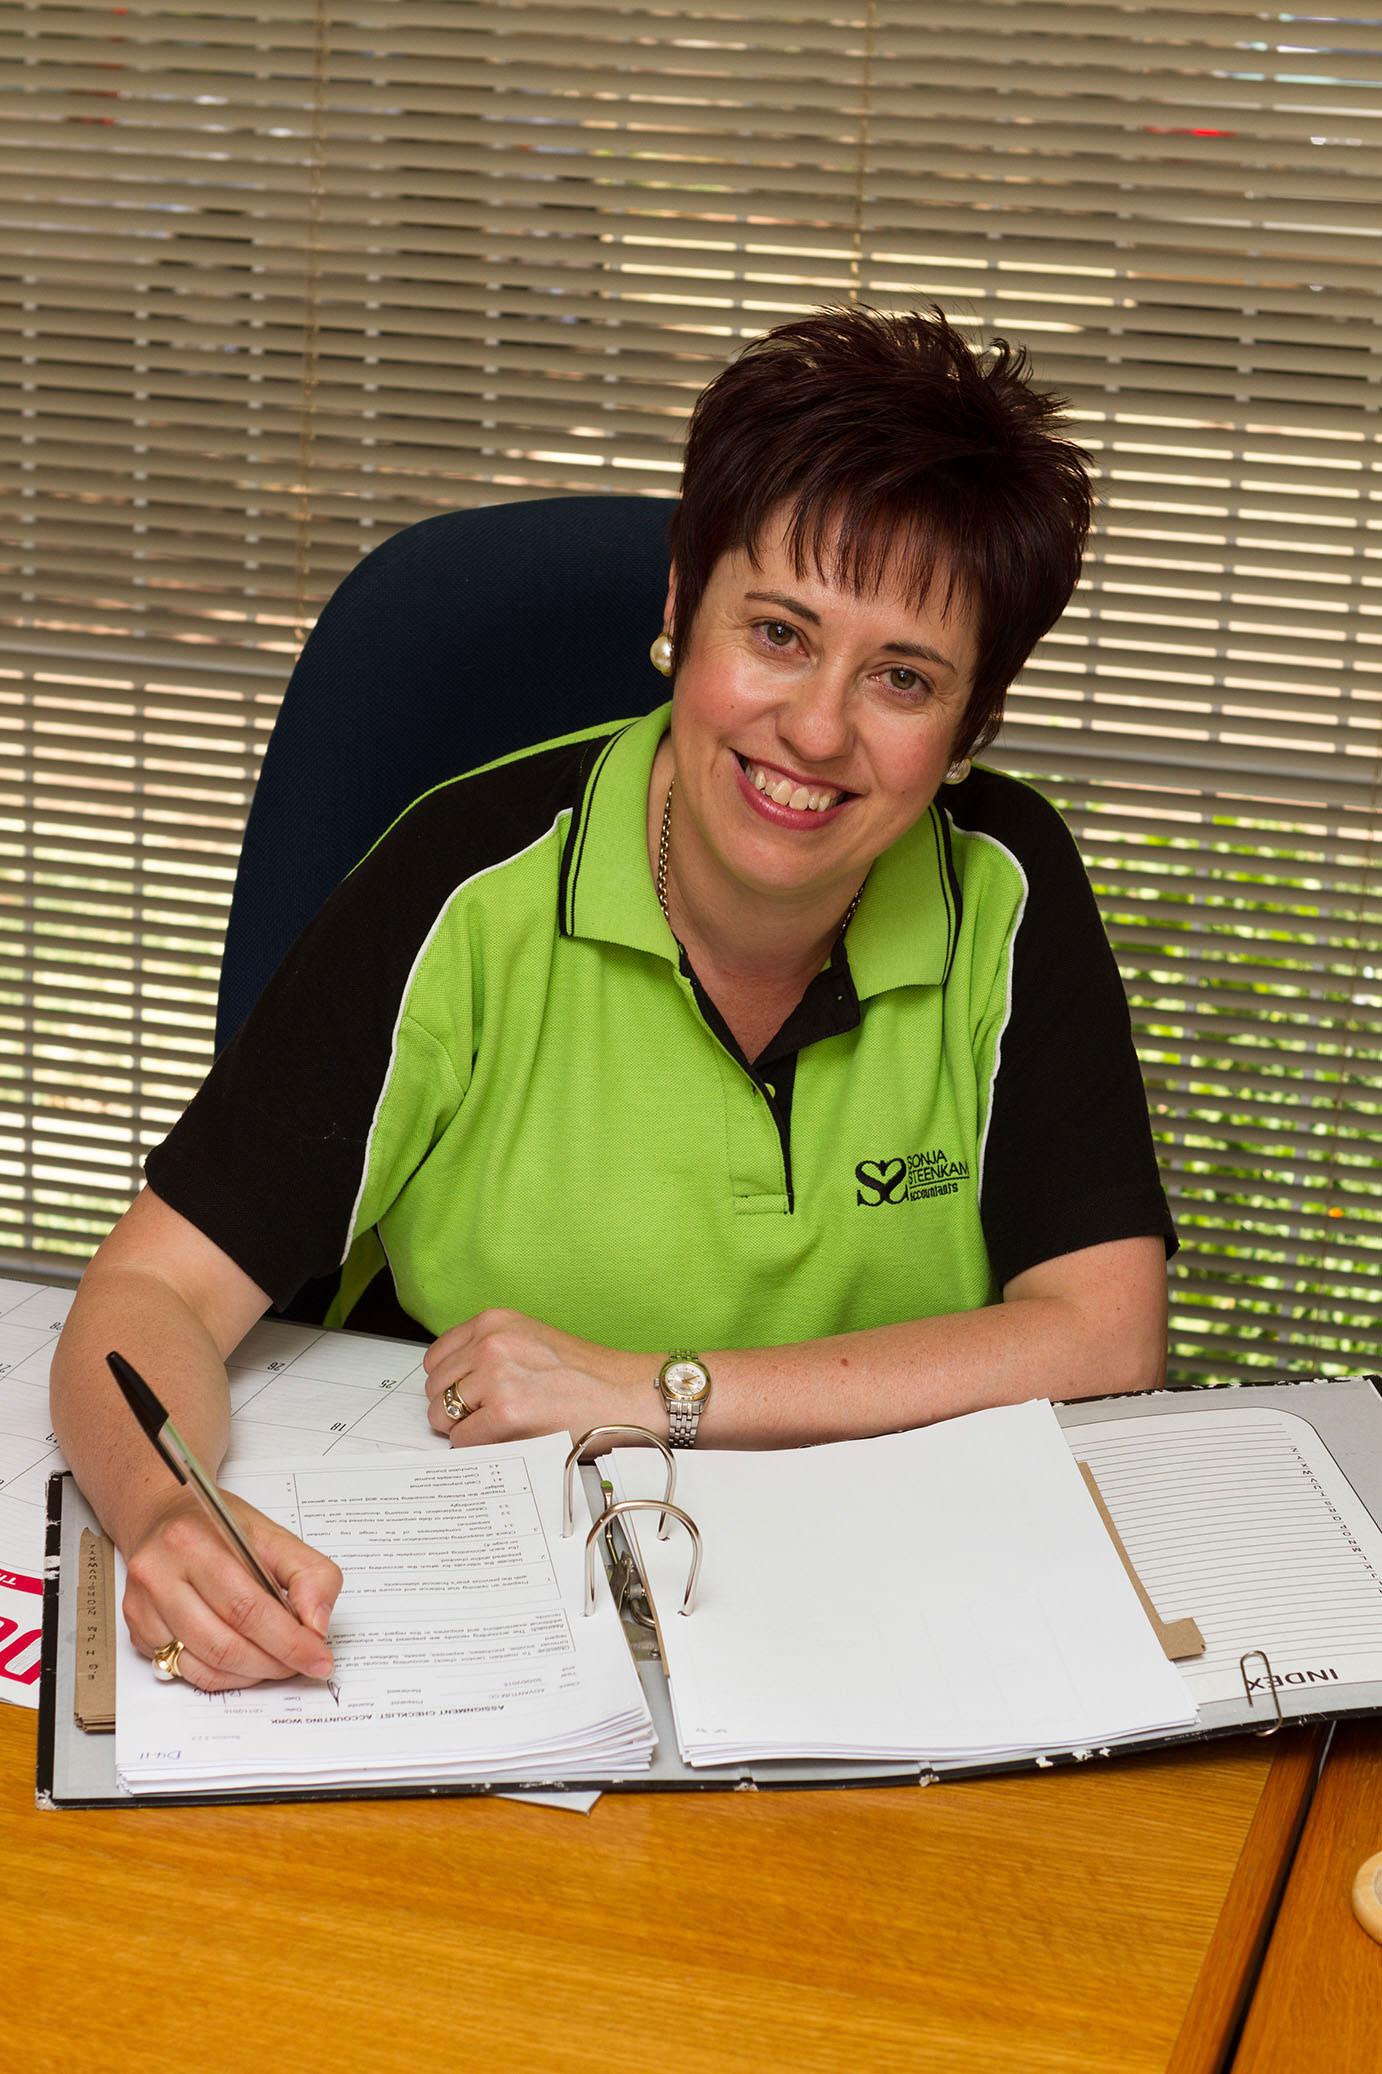 corporate headshots - Corporate Headshots Sonja Steenkamp 20 - Corporate Headshots – Sonja Steenkamp